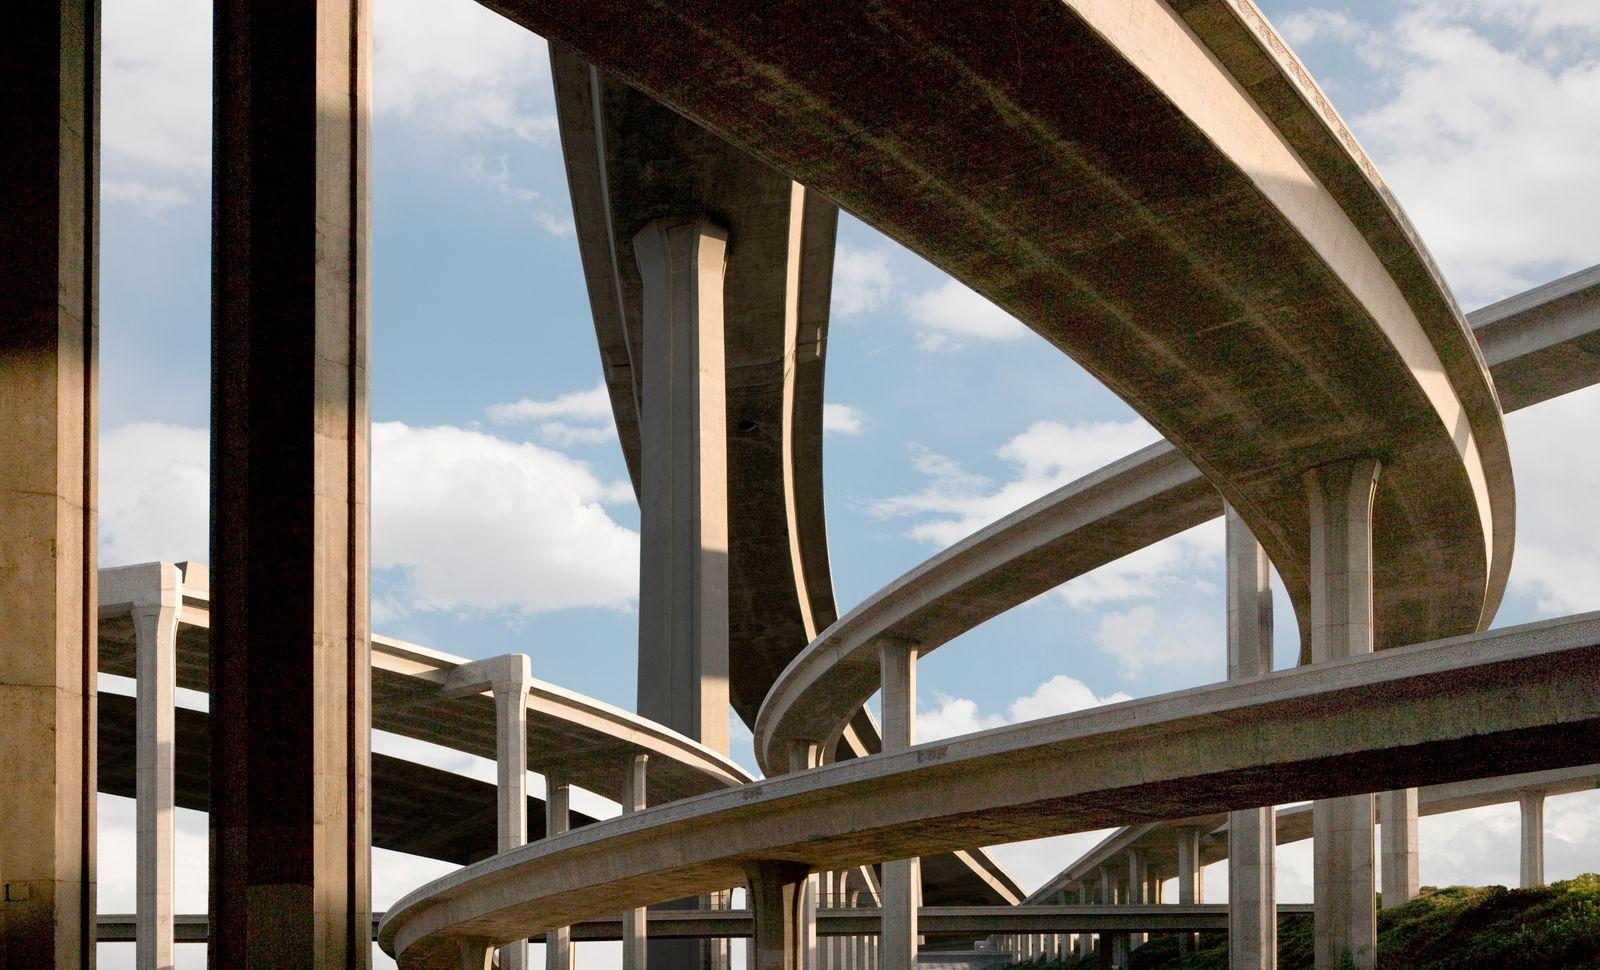 Freeway Fantasy, several Los Angeles freeways